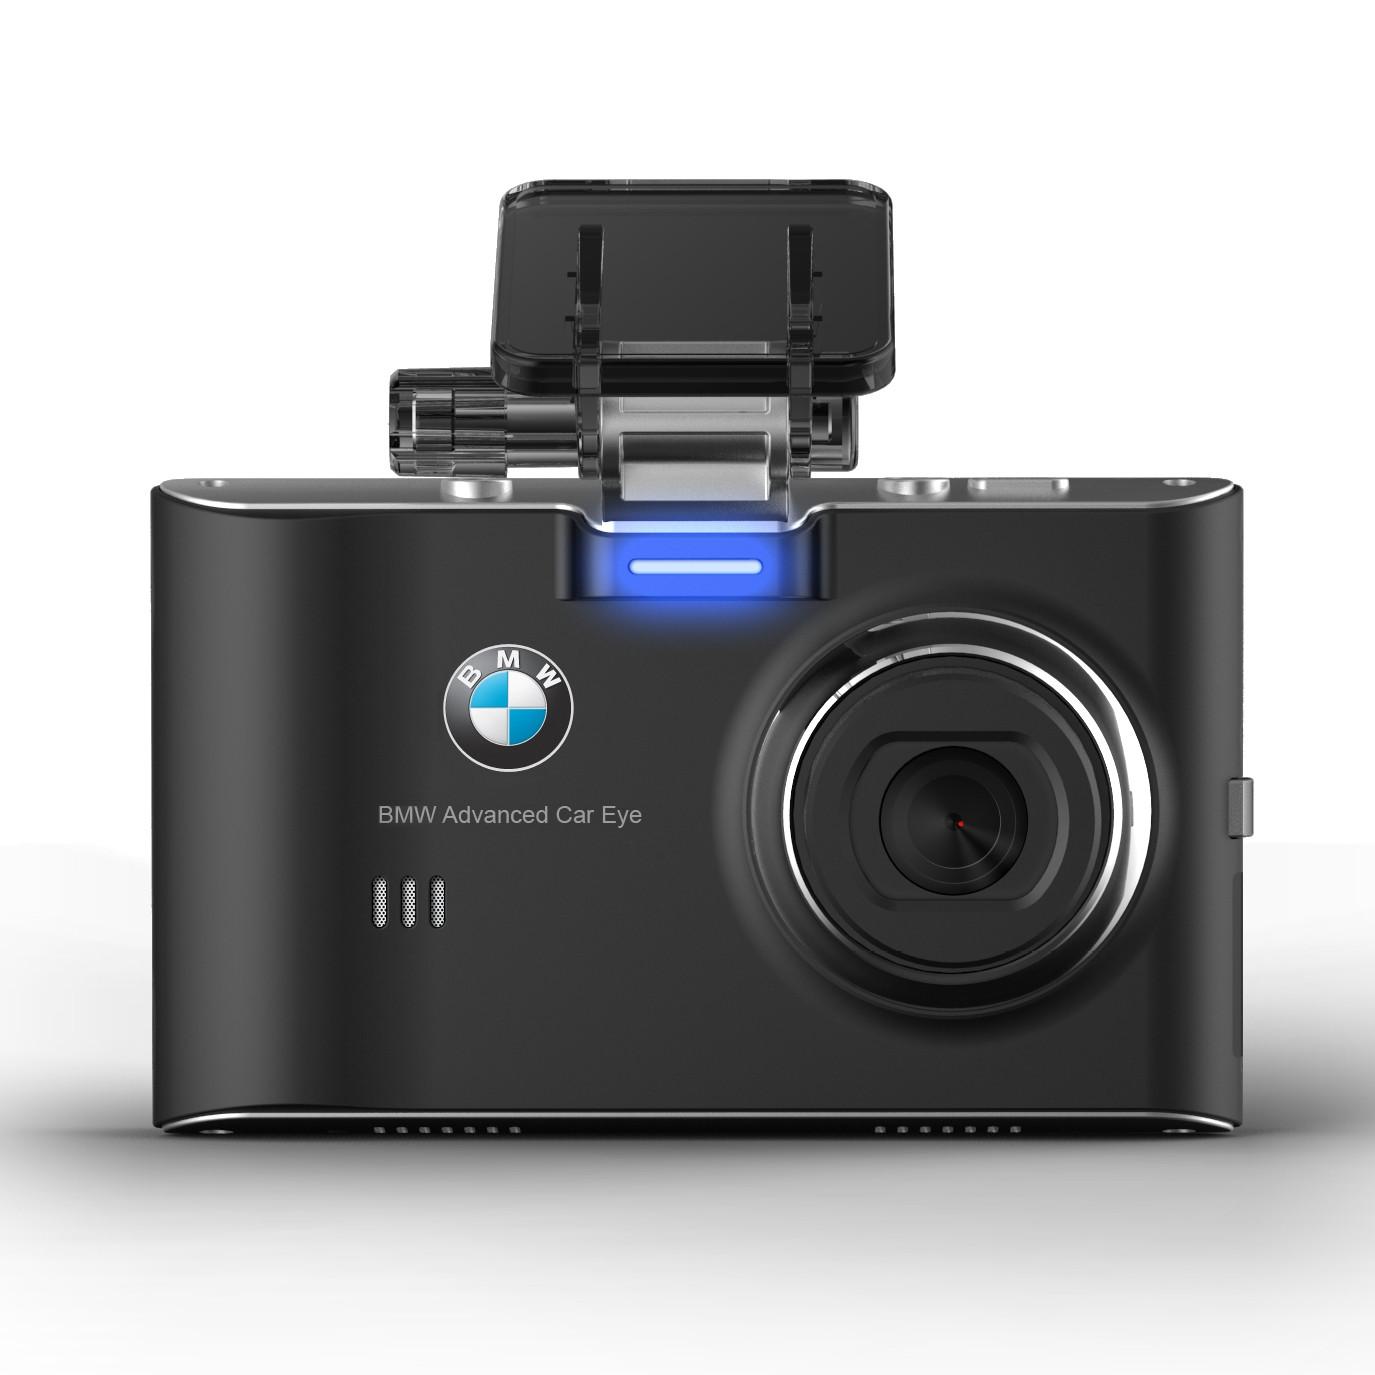 BMW Advanced Car Eye (Frontkamera)